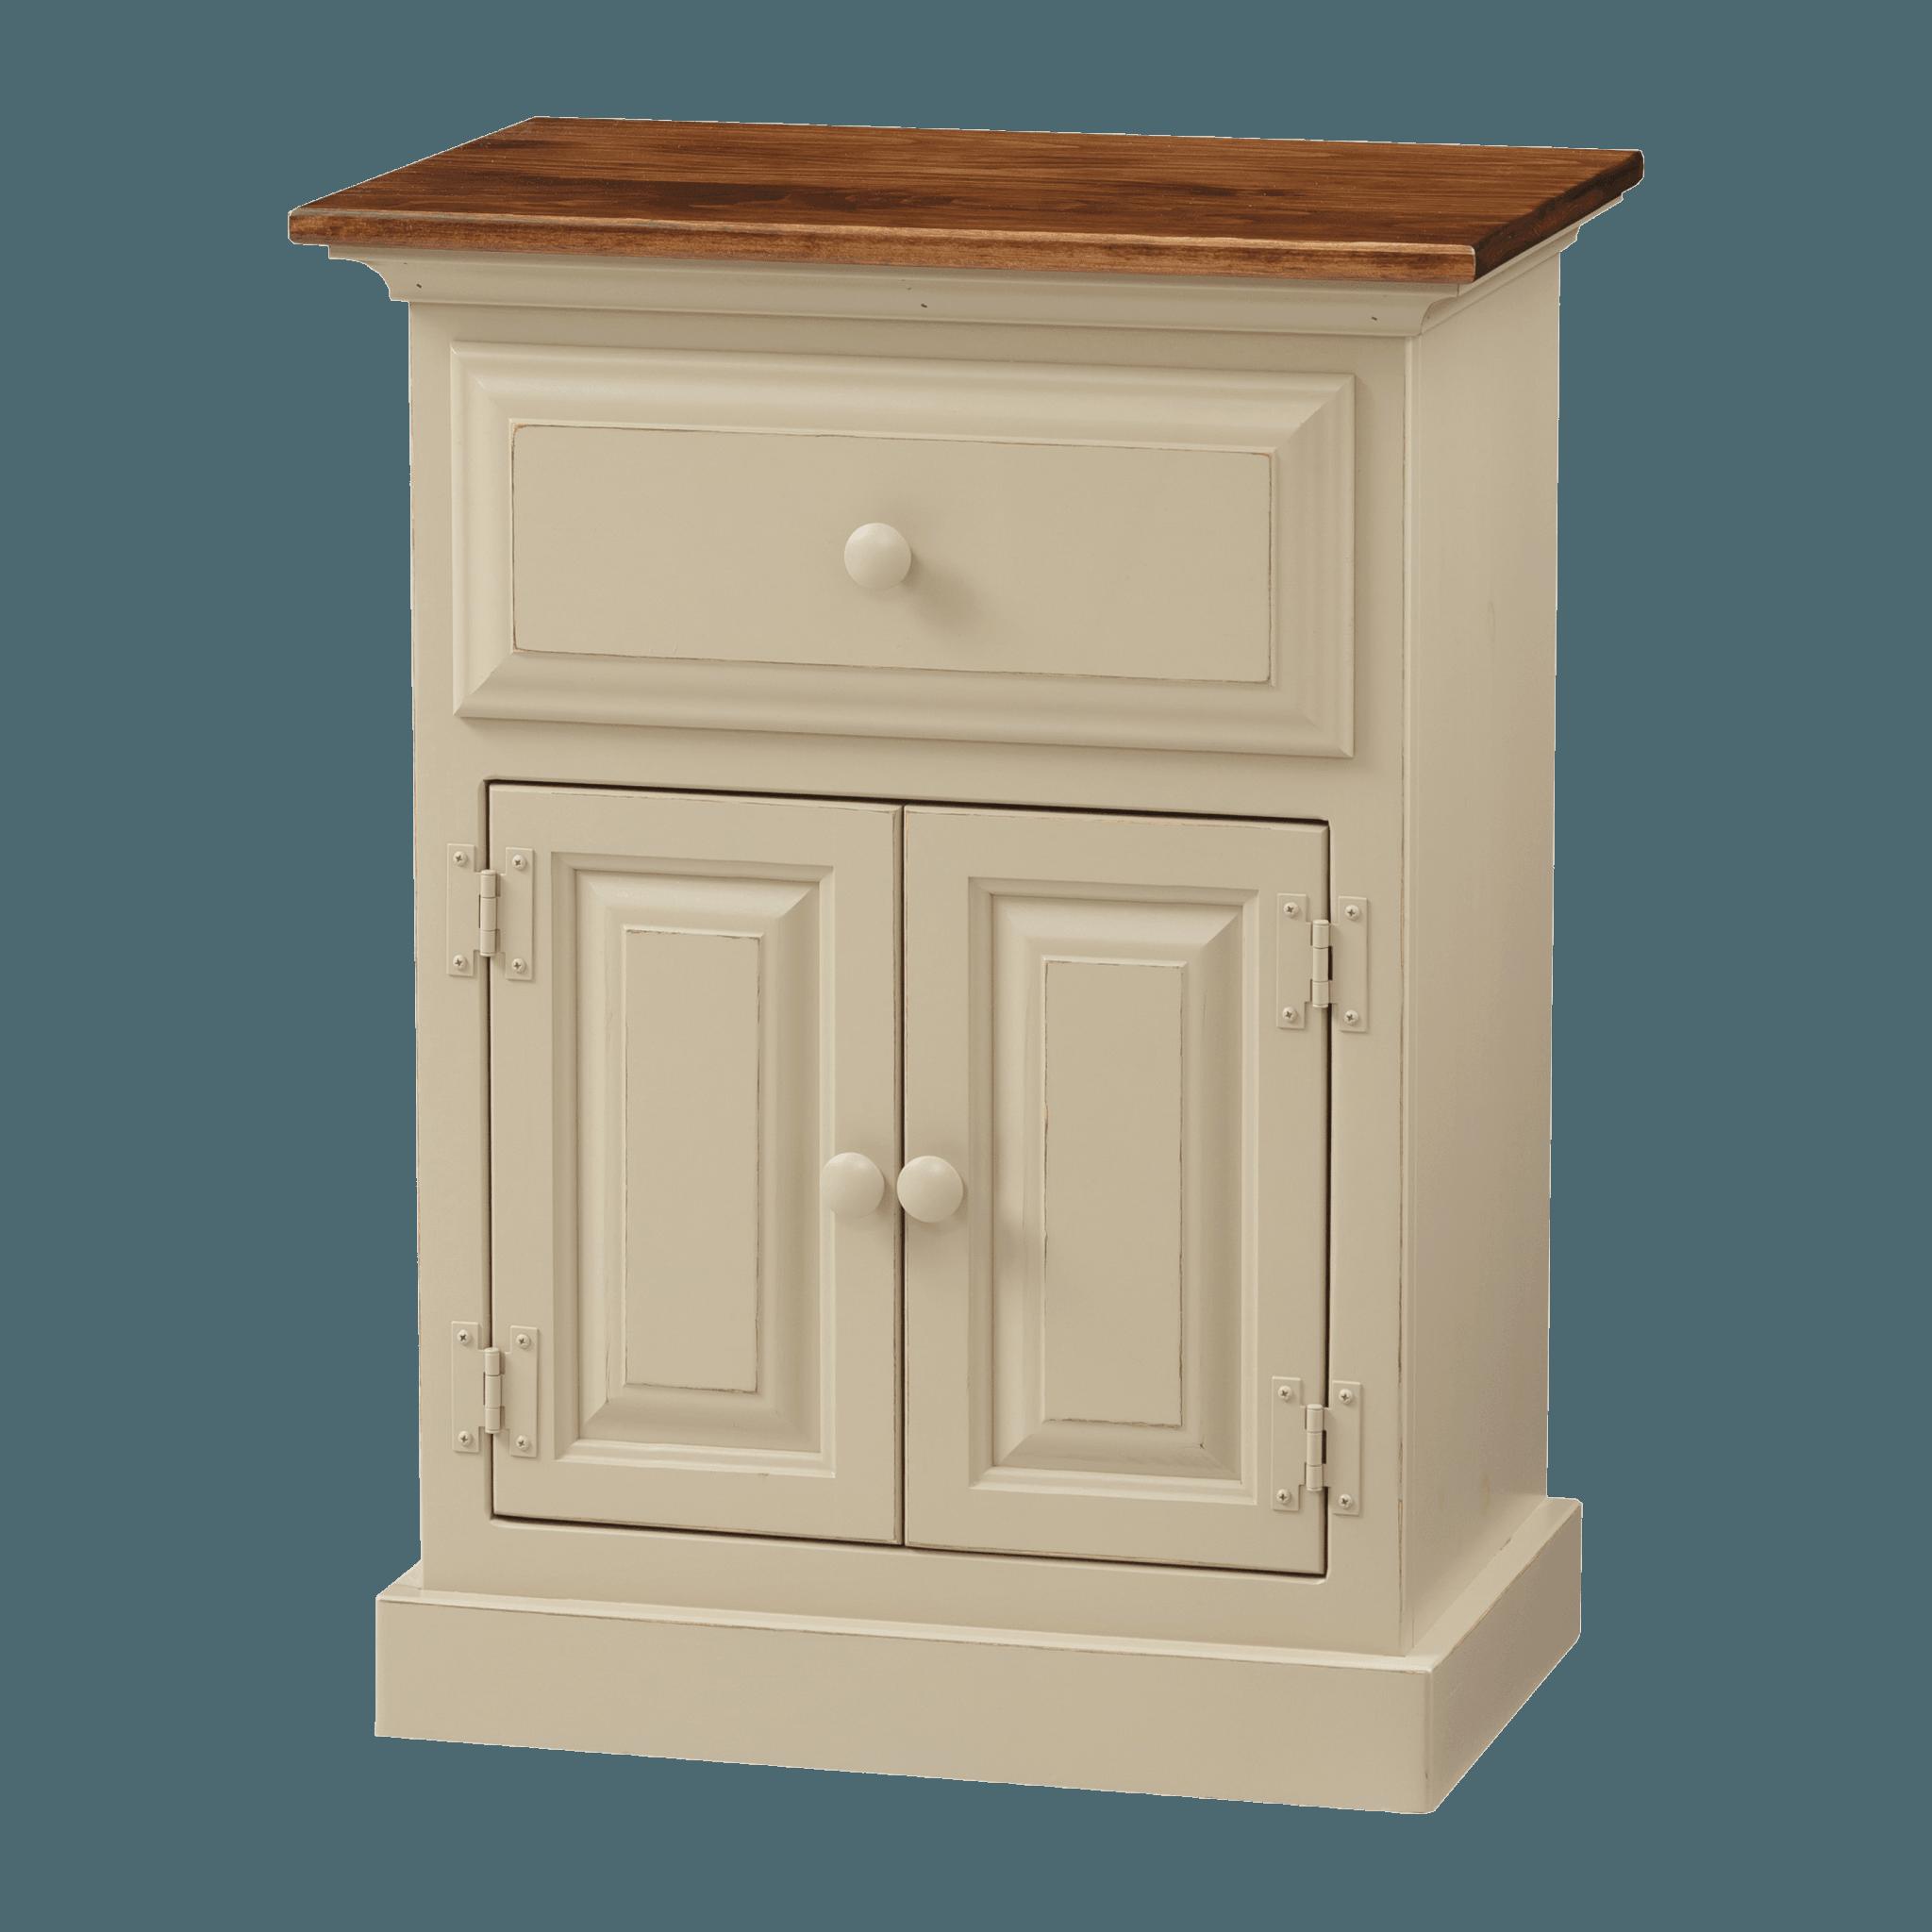 1-Drawer 2-Door Nightstand